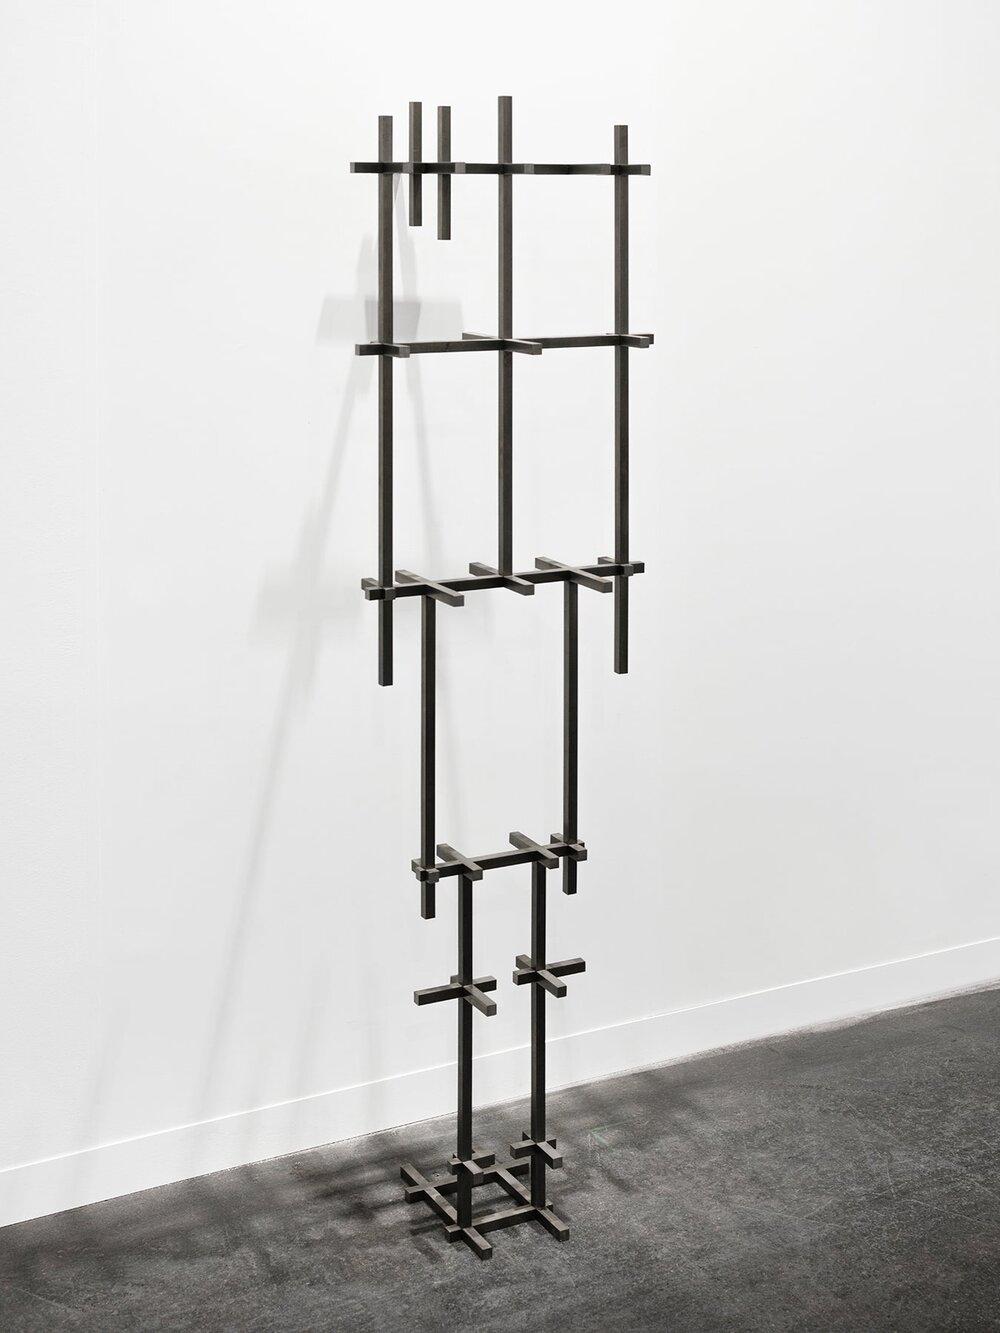 'Broken mean II' Antony Gormley - Galleria Continua